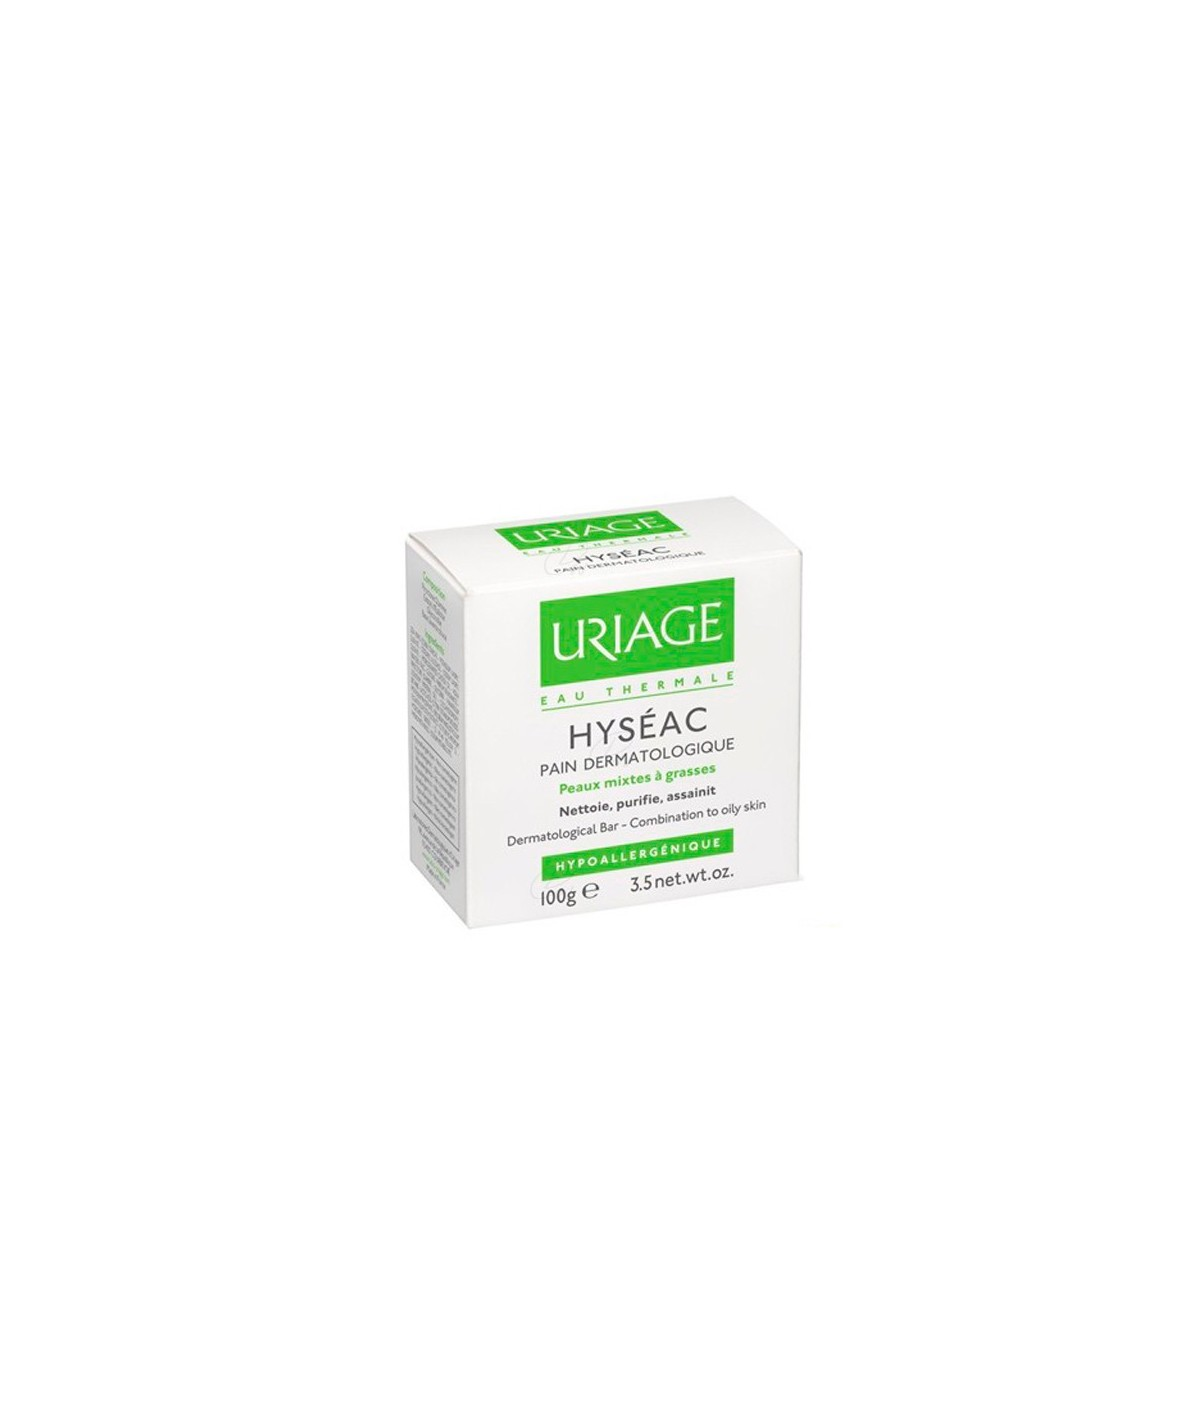 HYSEAC PAN DERMATOLOGICO 100 G